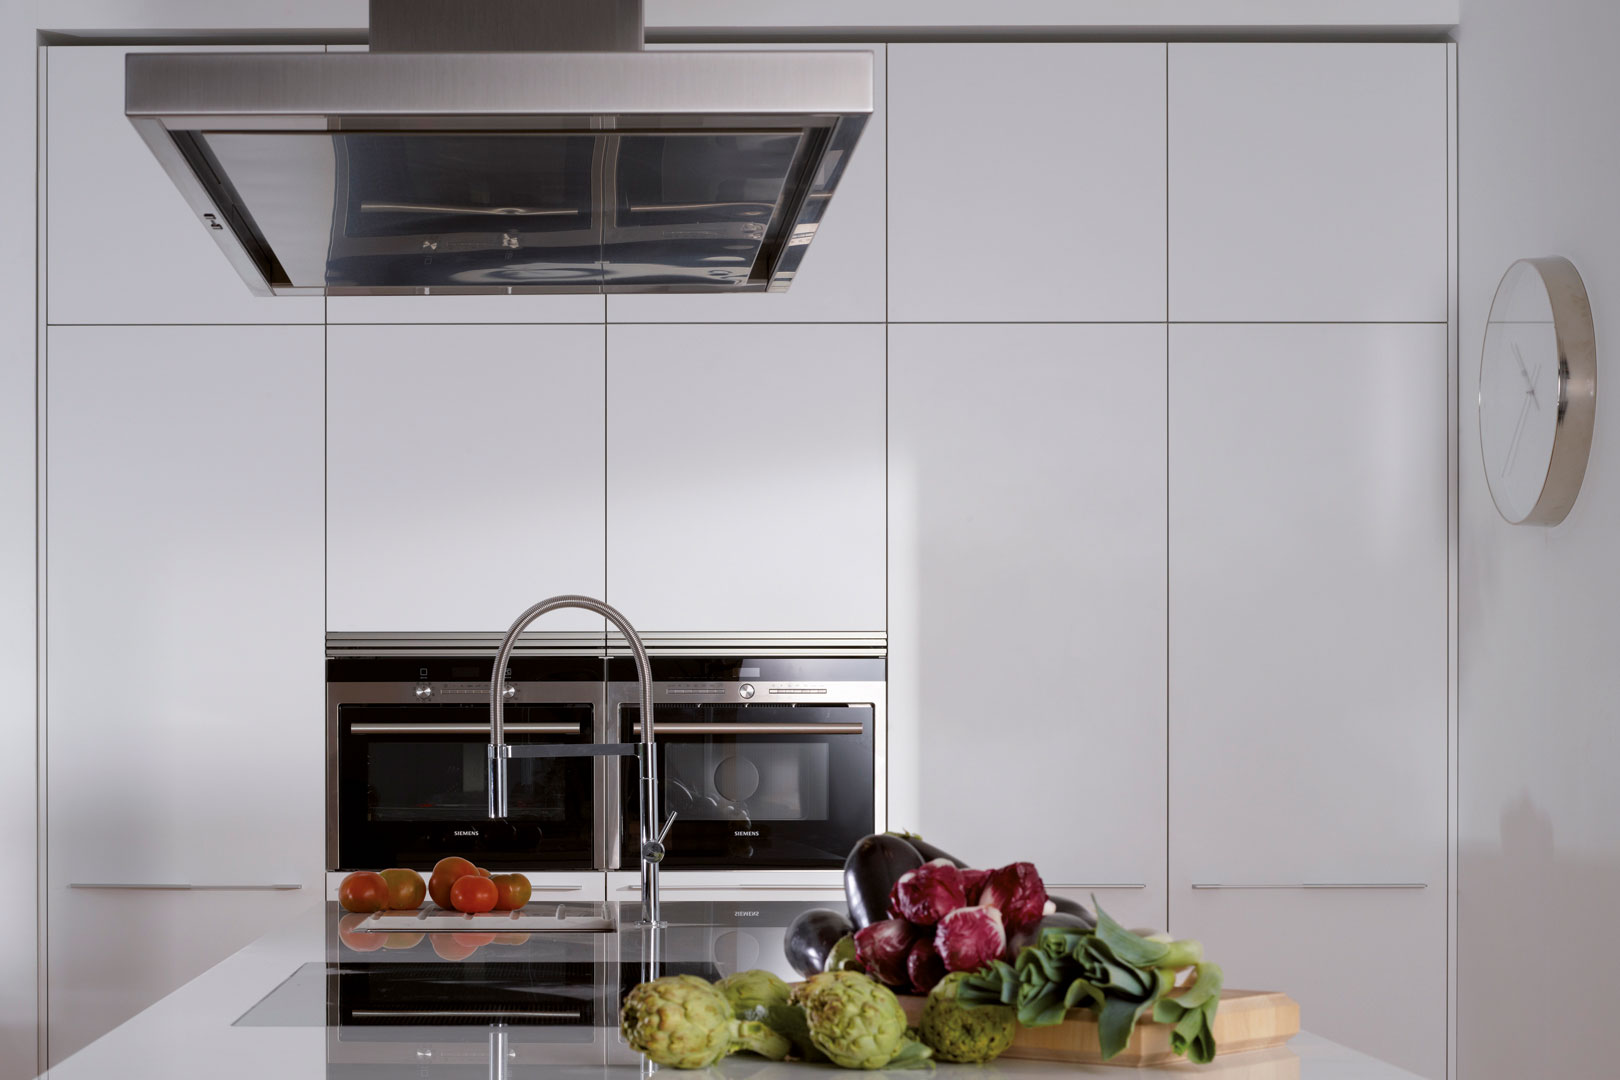 Electrodomésticos integrados: espacios limpios y armónicos   INTRA-L   Cocinas Santos   Santiago Interiores